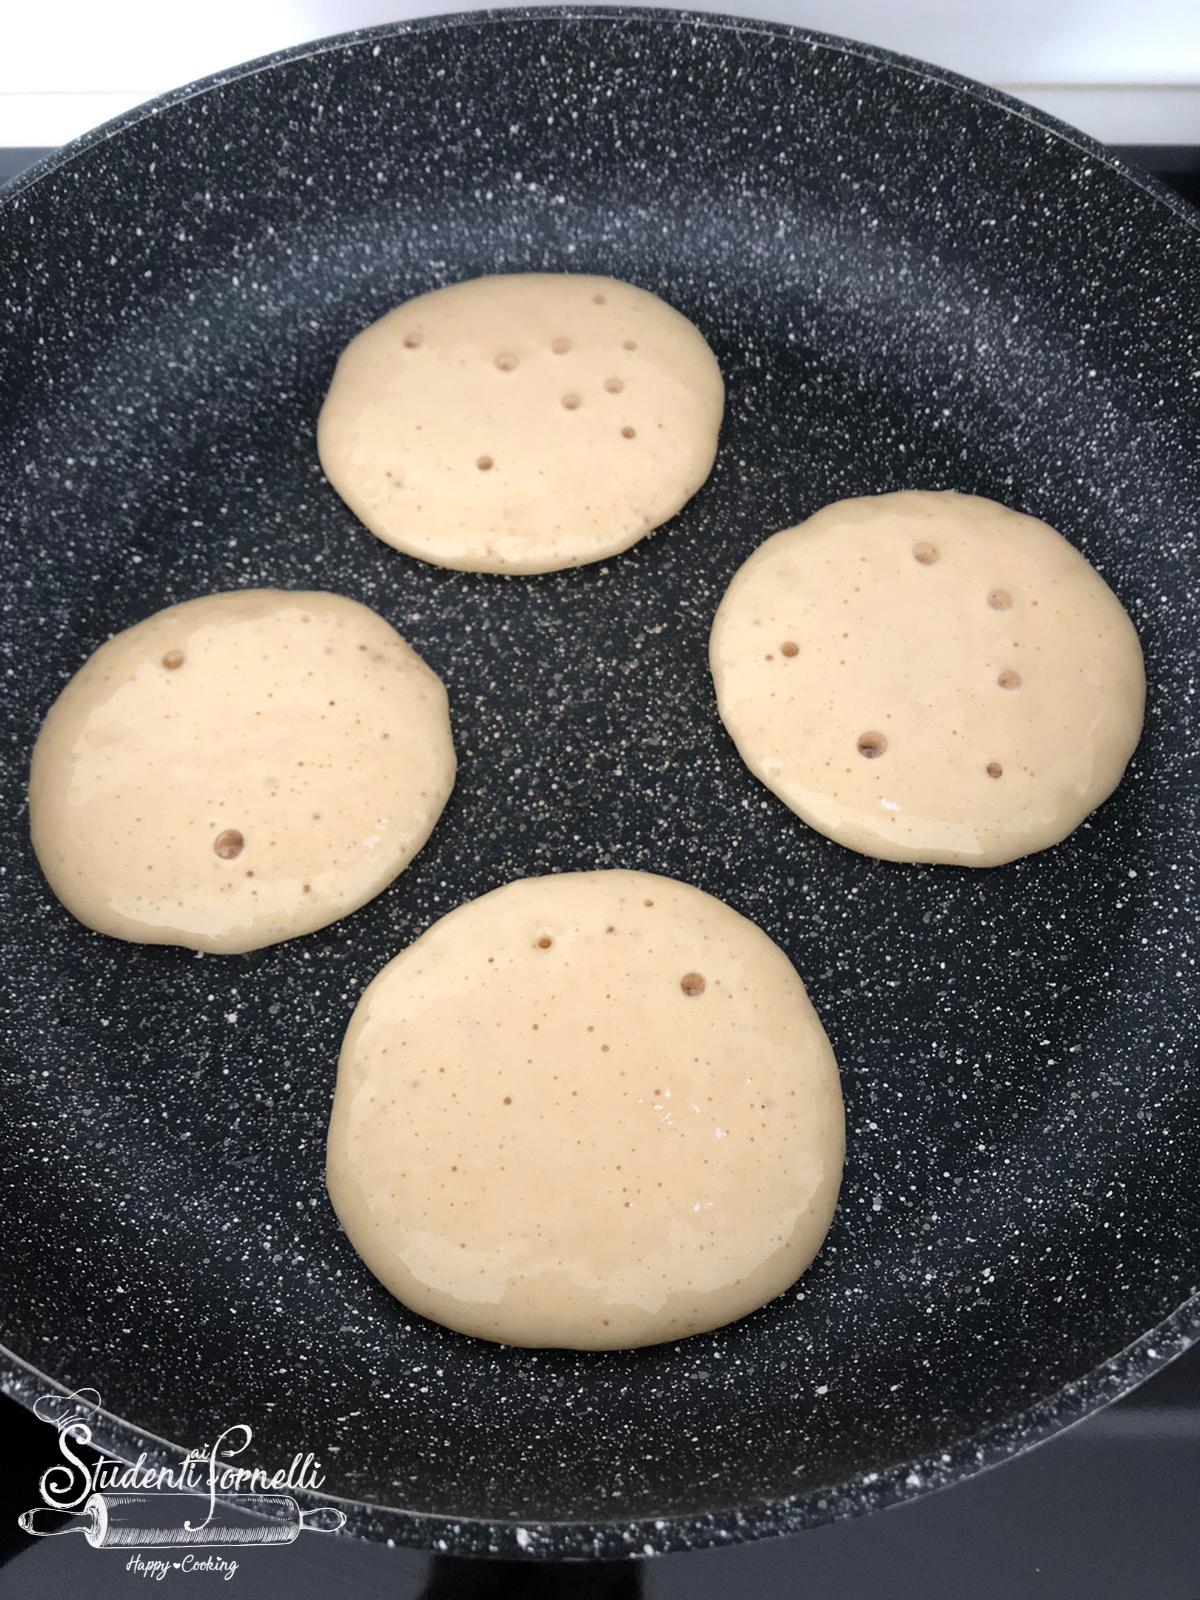 ricetta pancake allo yogurt greco ricetta dolci colazione senza burro pancake con yogurt greco e albumi senza burro e latte (2)